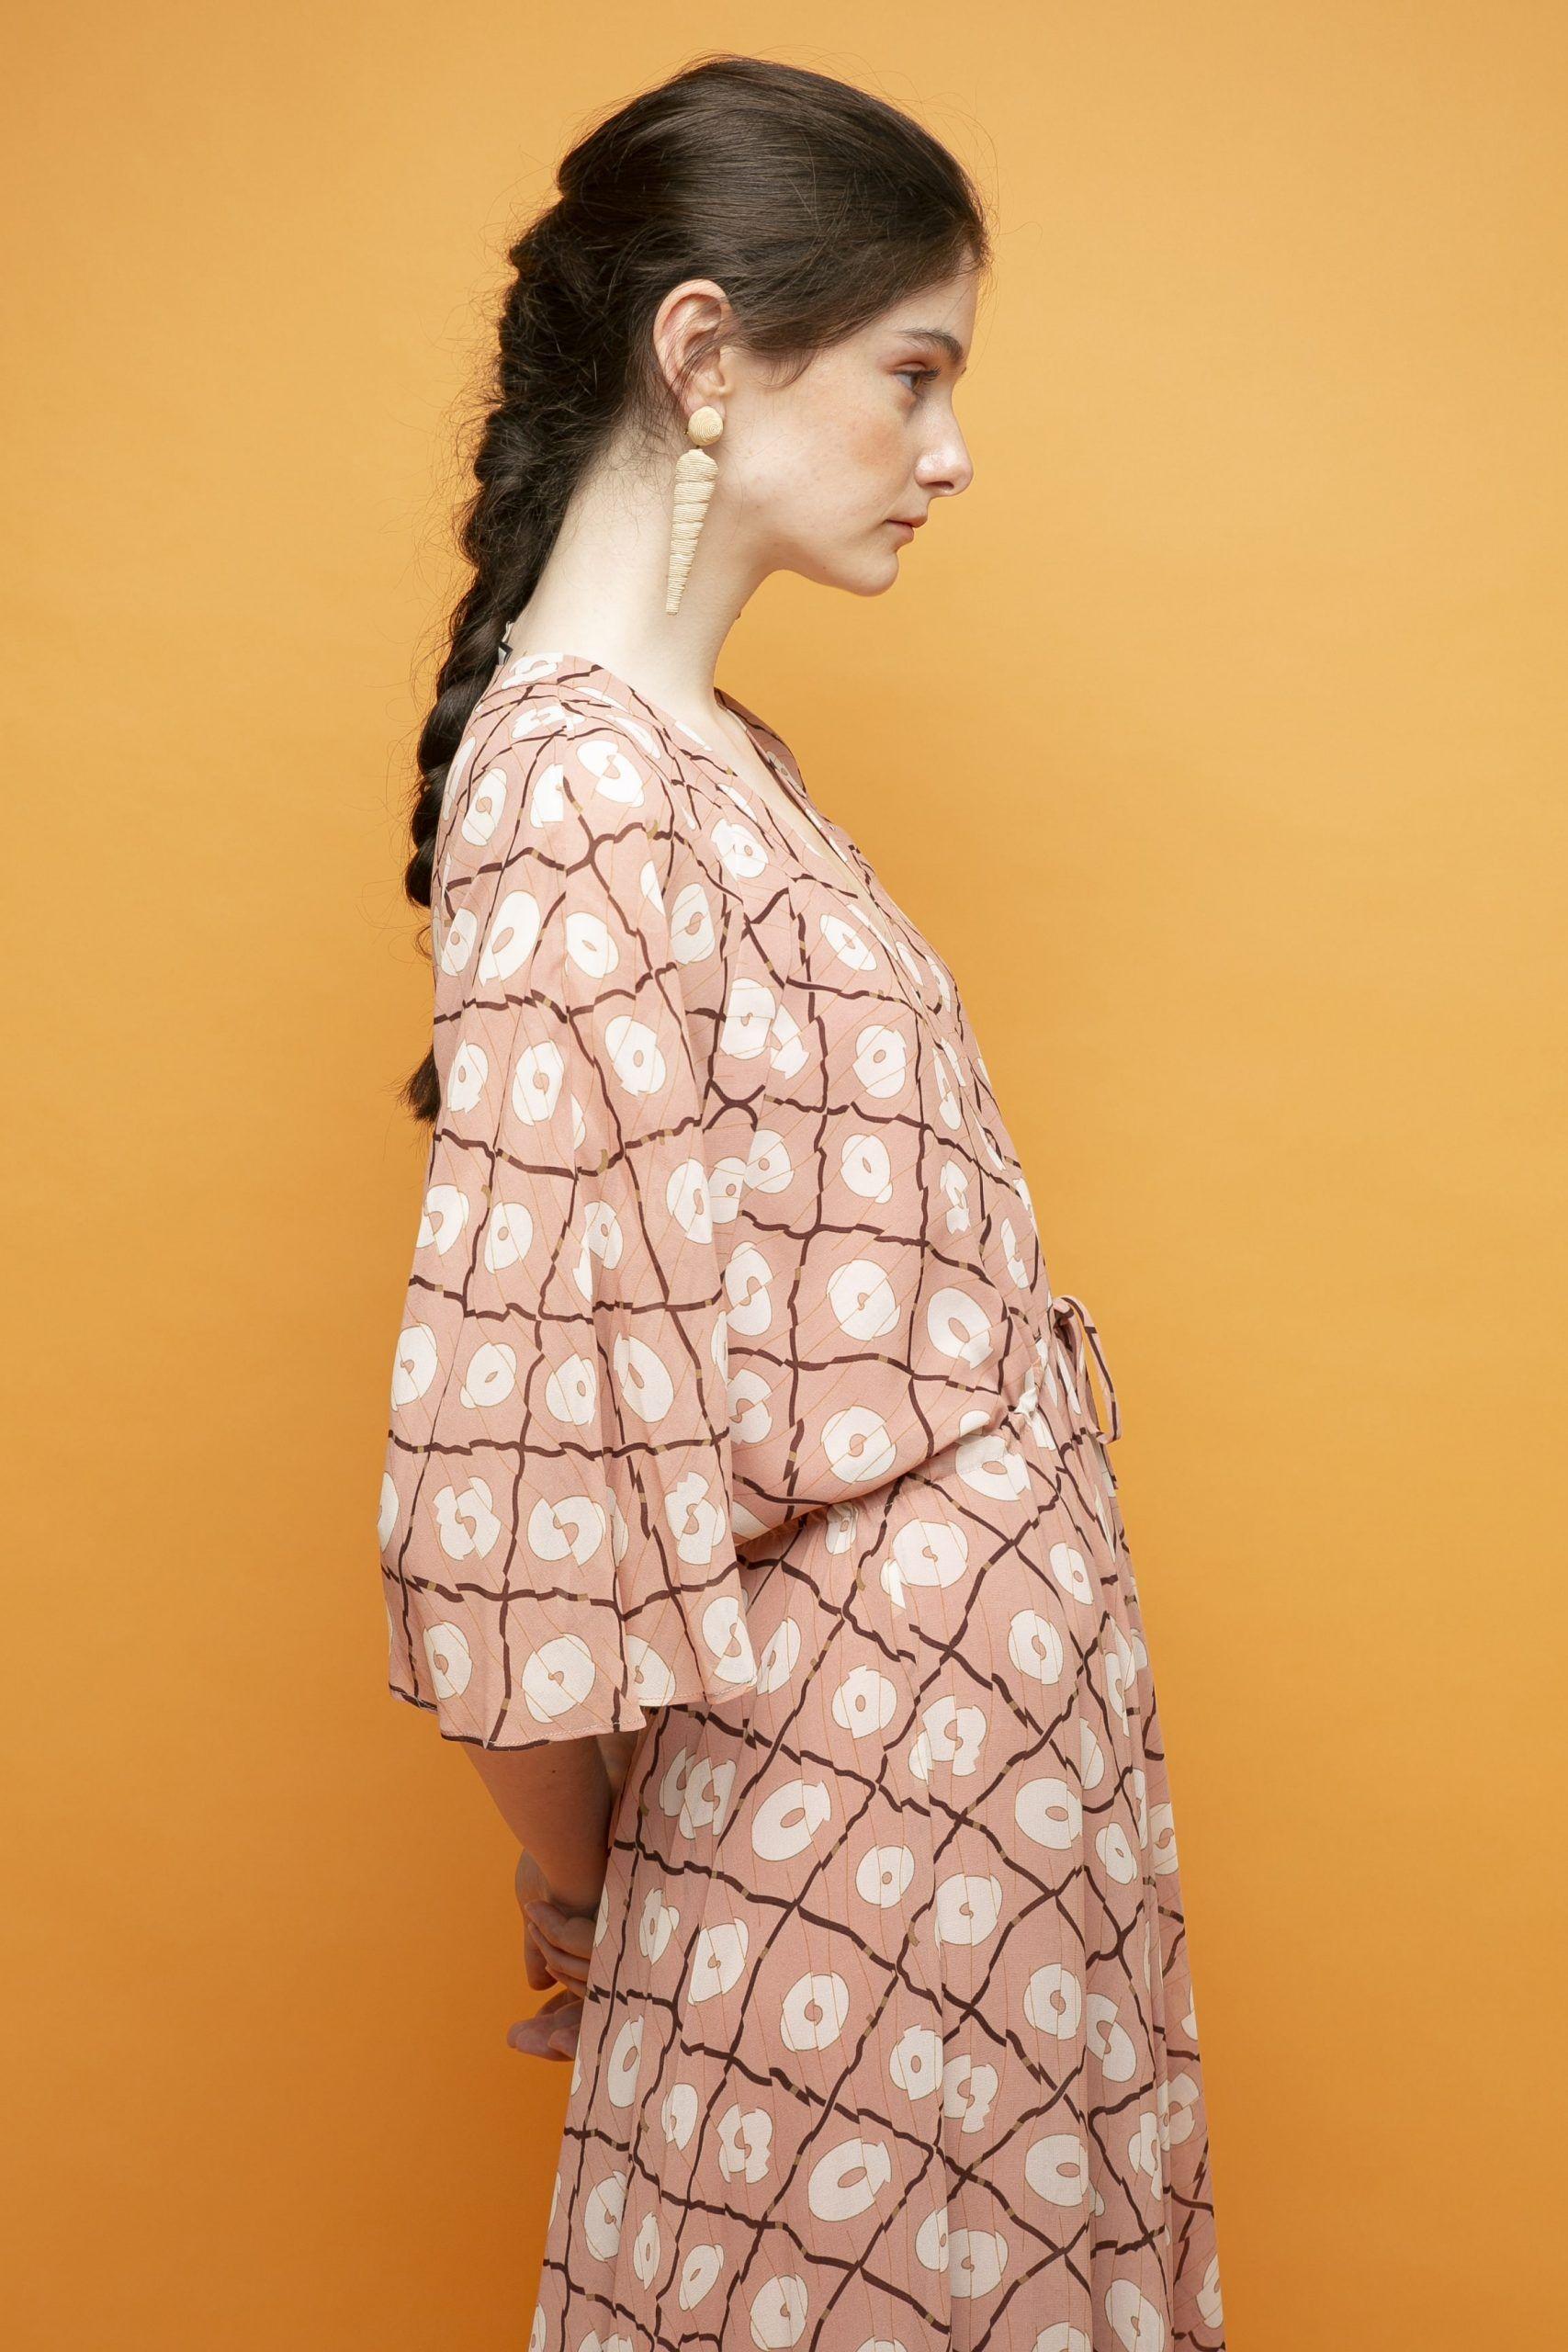 Alexis-Venla-vestido-2